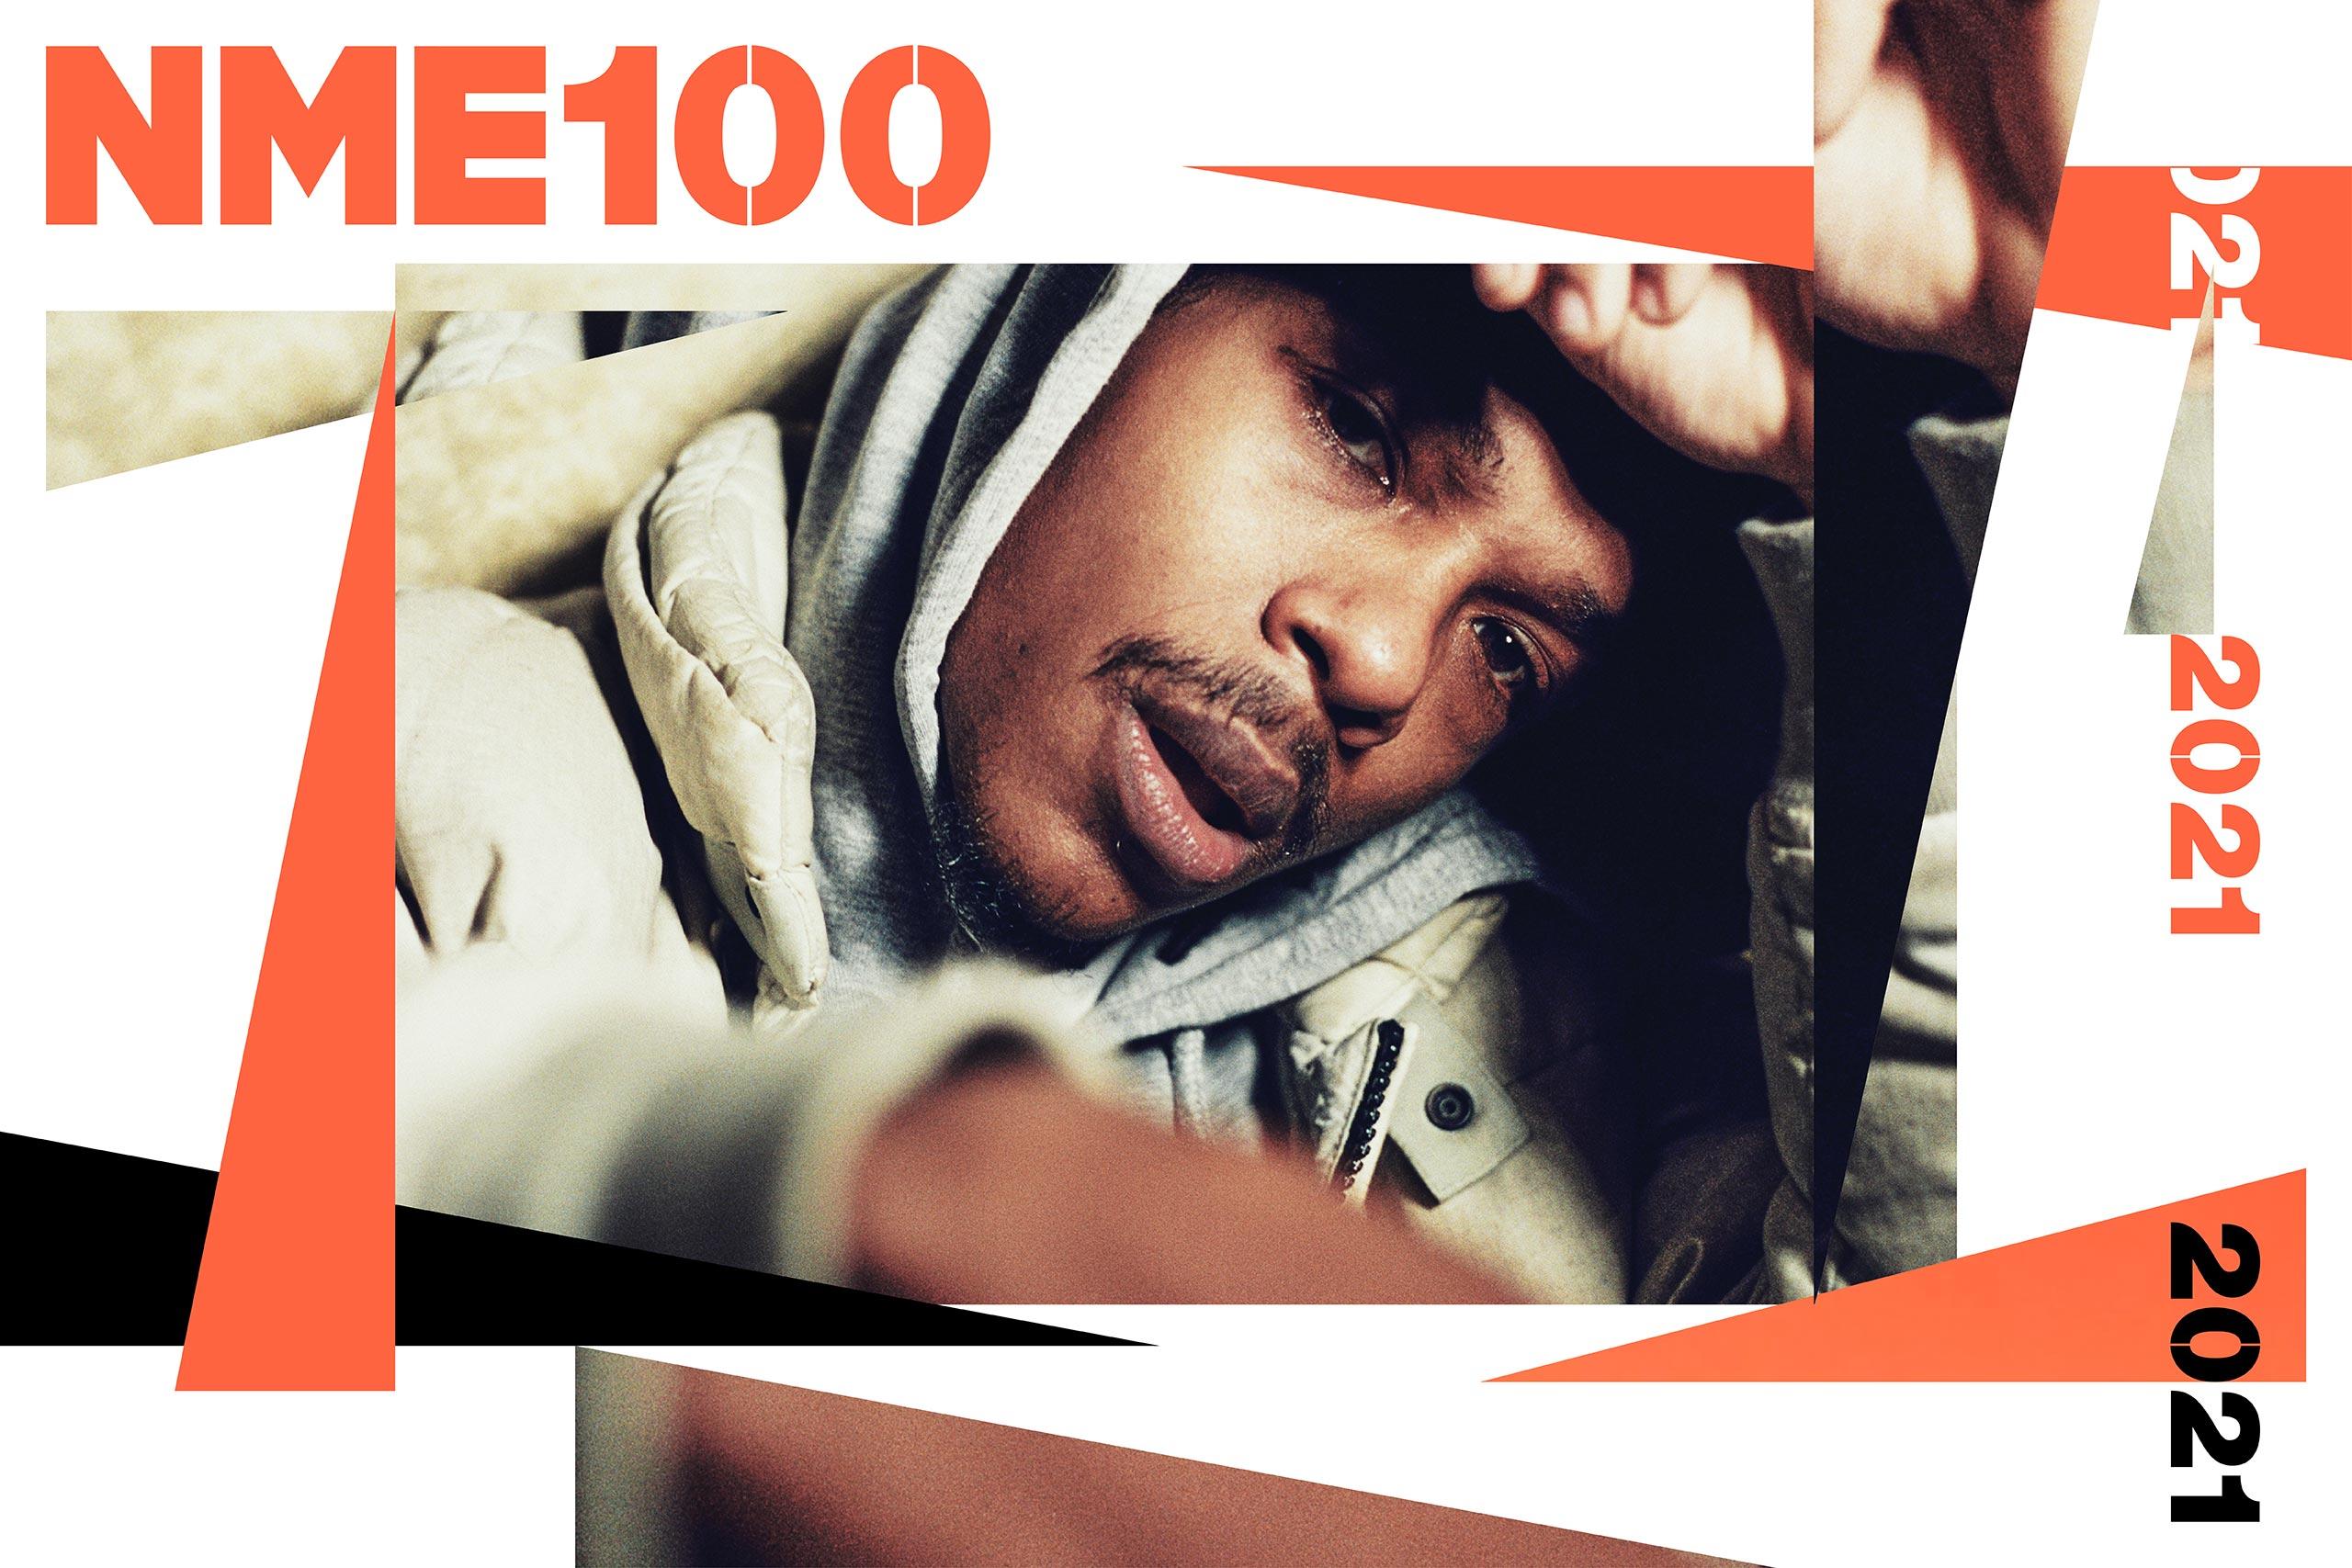 NME 100 brewyn